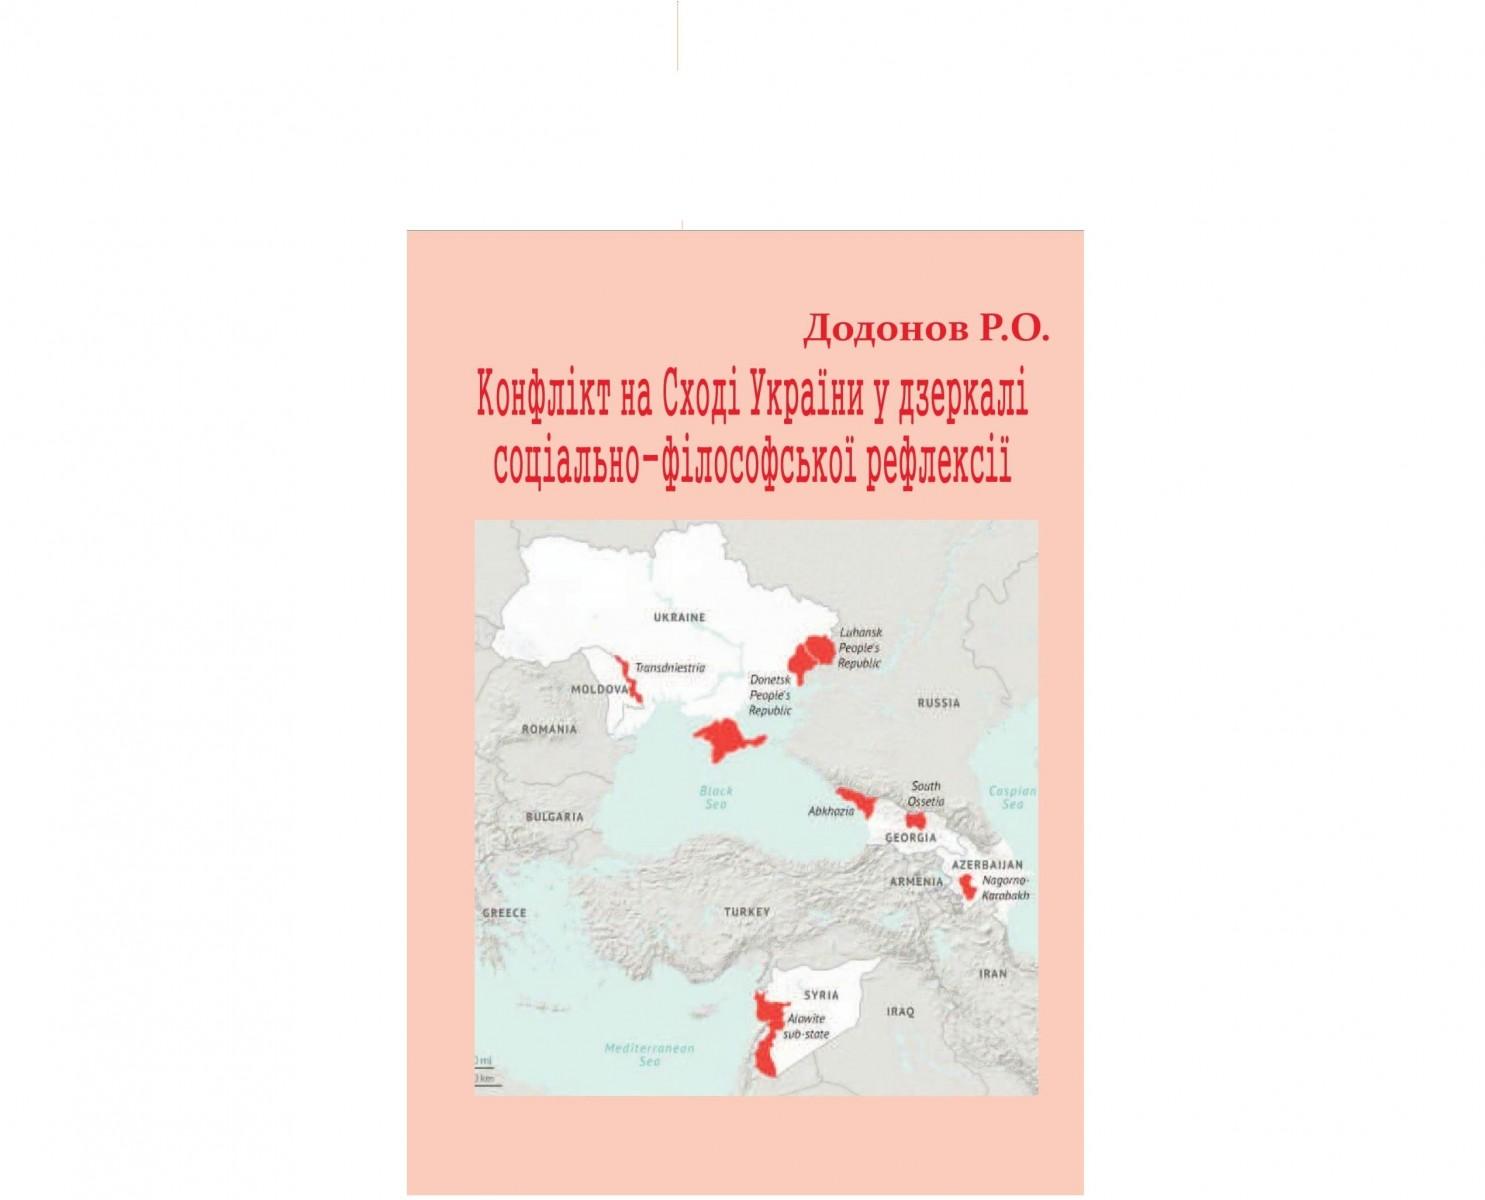 Дослідження «Конфлікт на Сході України у дзеркалі соціально-філософської рефлексії» тепер є на сайті УІСГРА